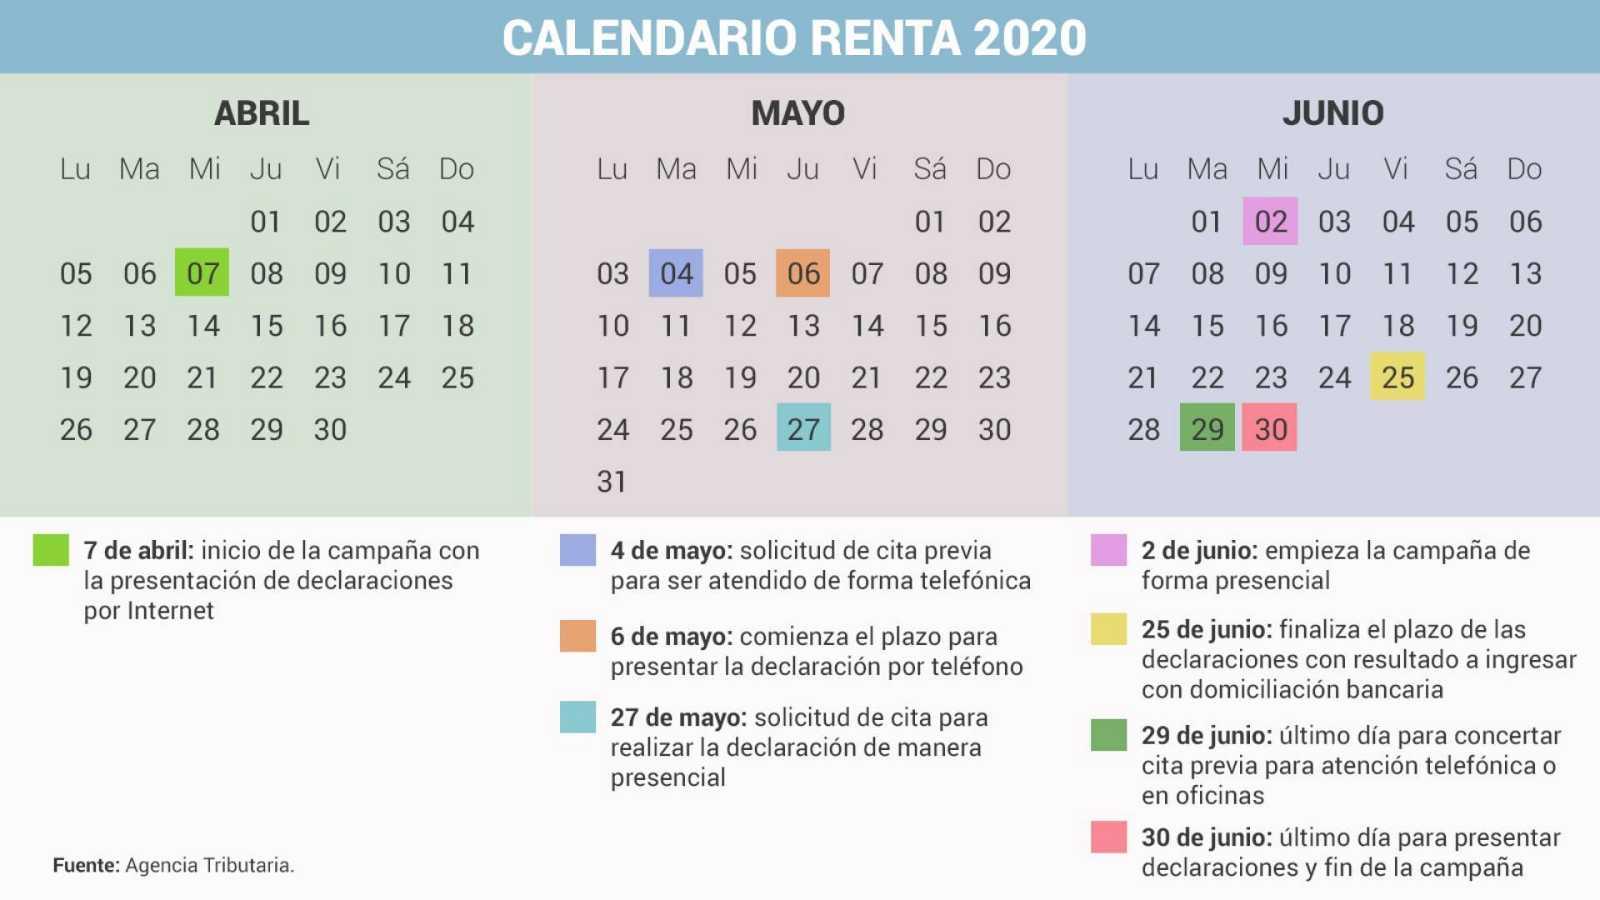 Claves de la campaña de la Renta 2020: desde este miércoles ya se puede presentar el borrador